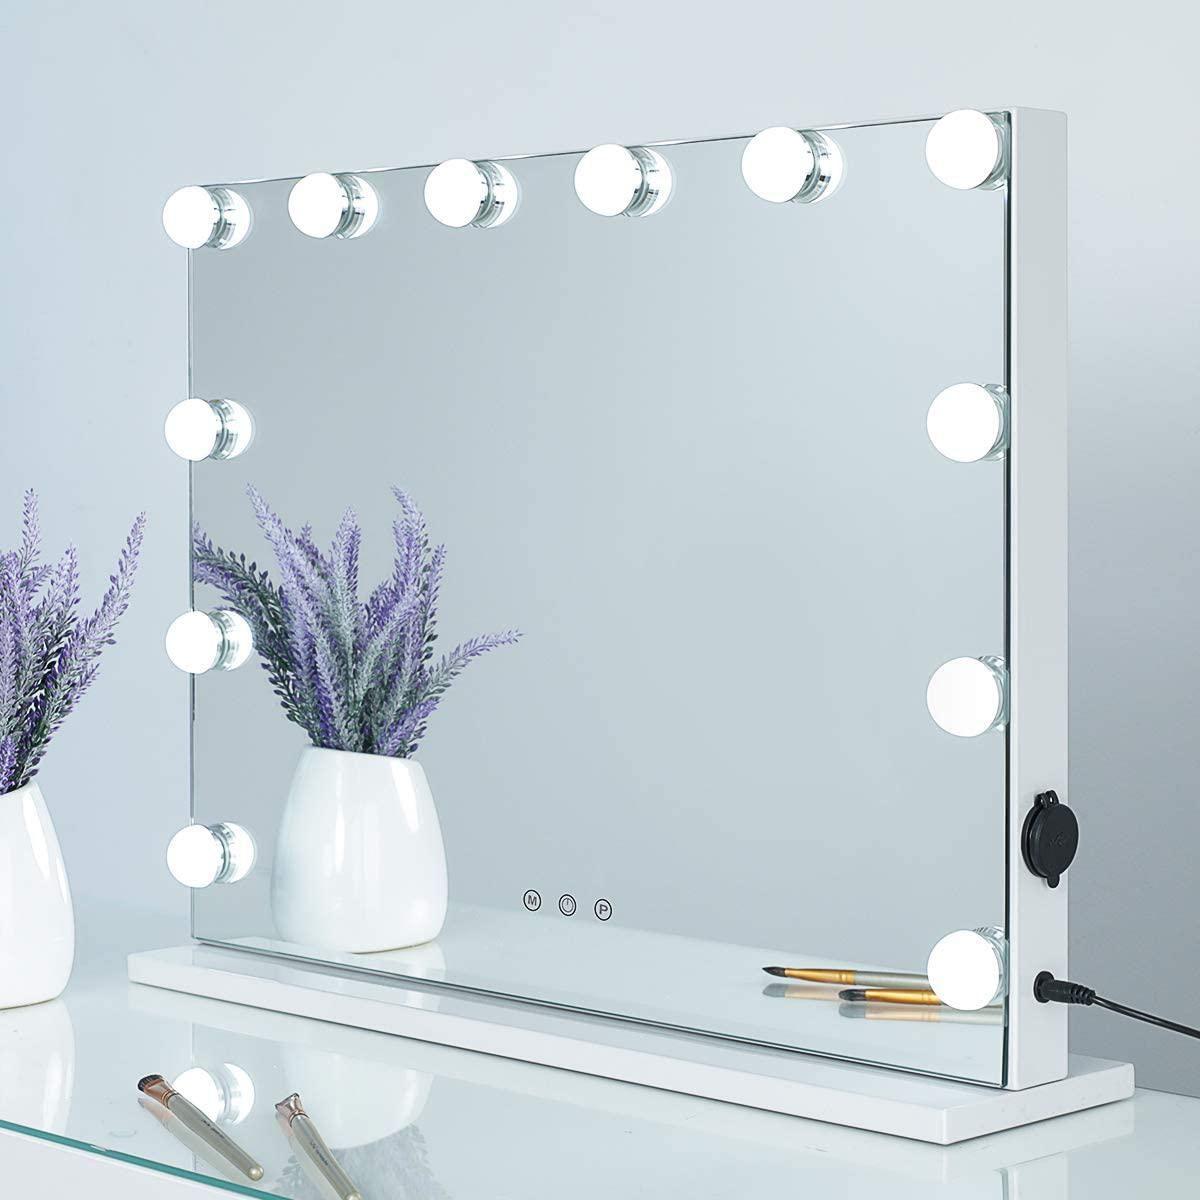 showtimez vanity mirror makeup mirror with lights